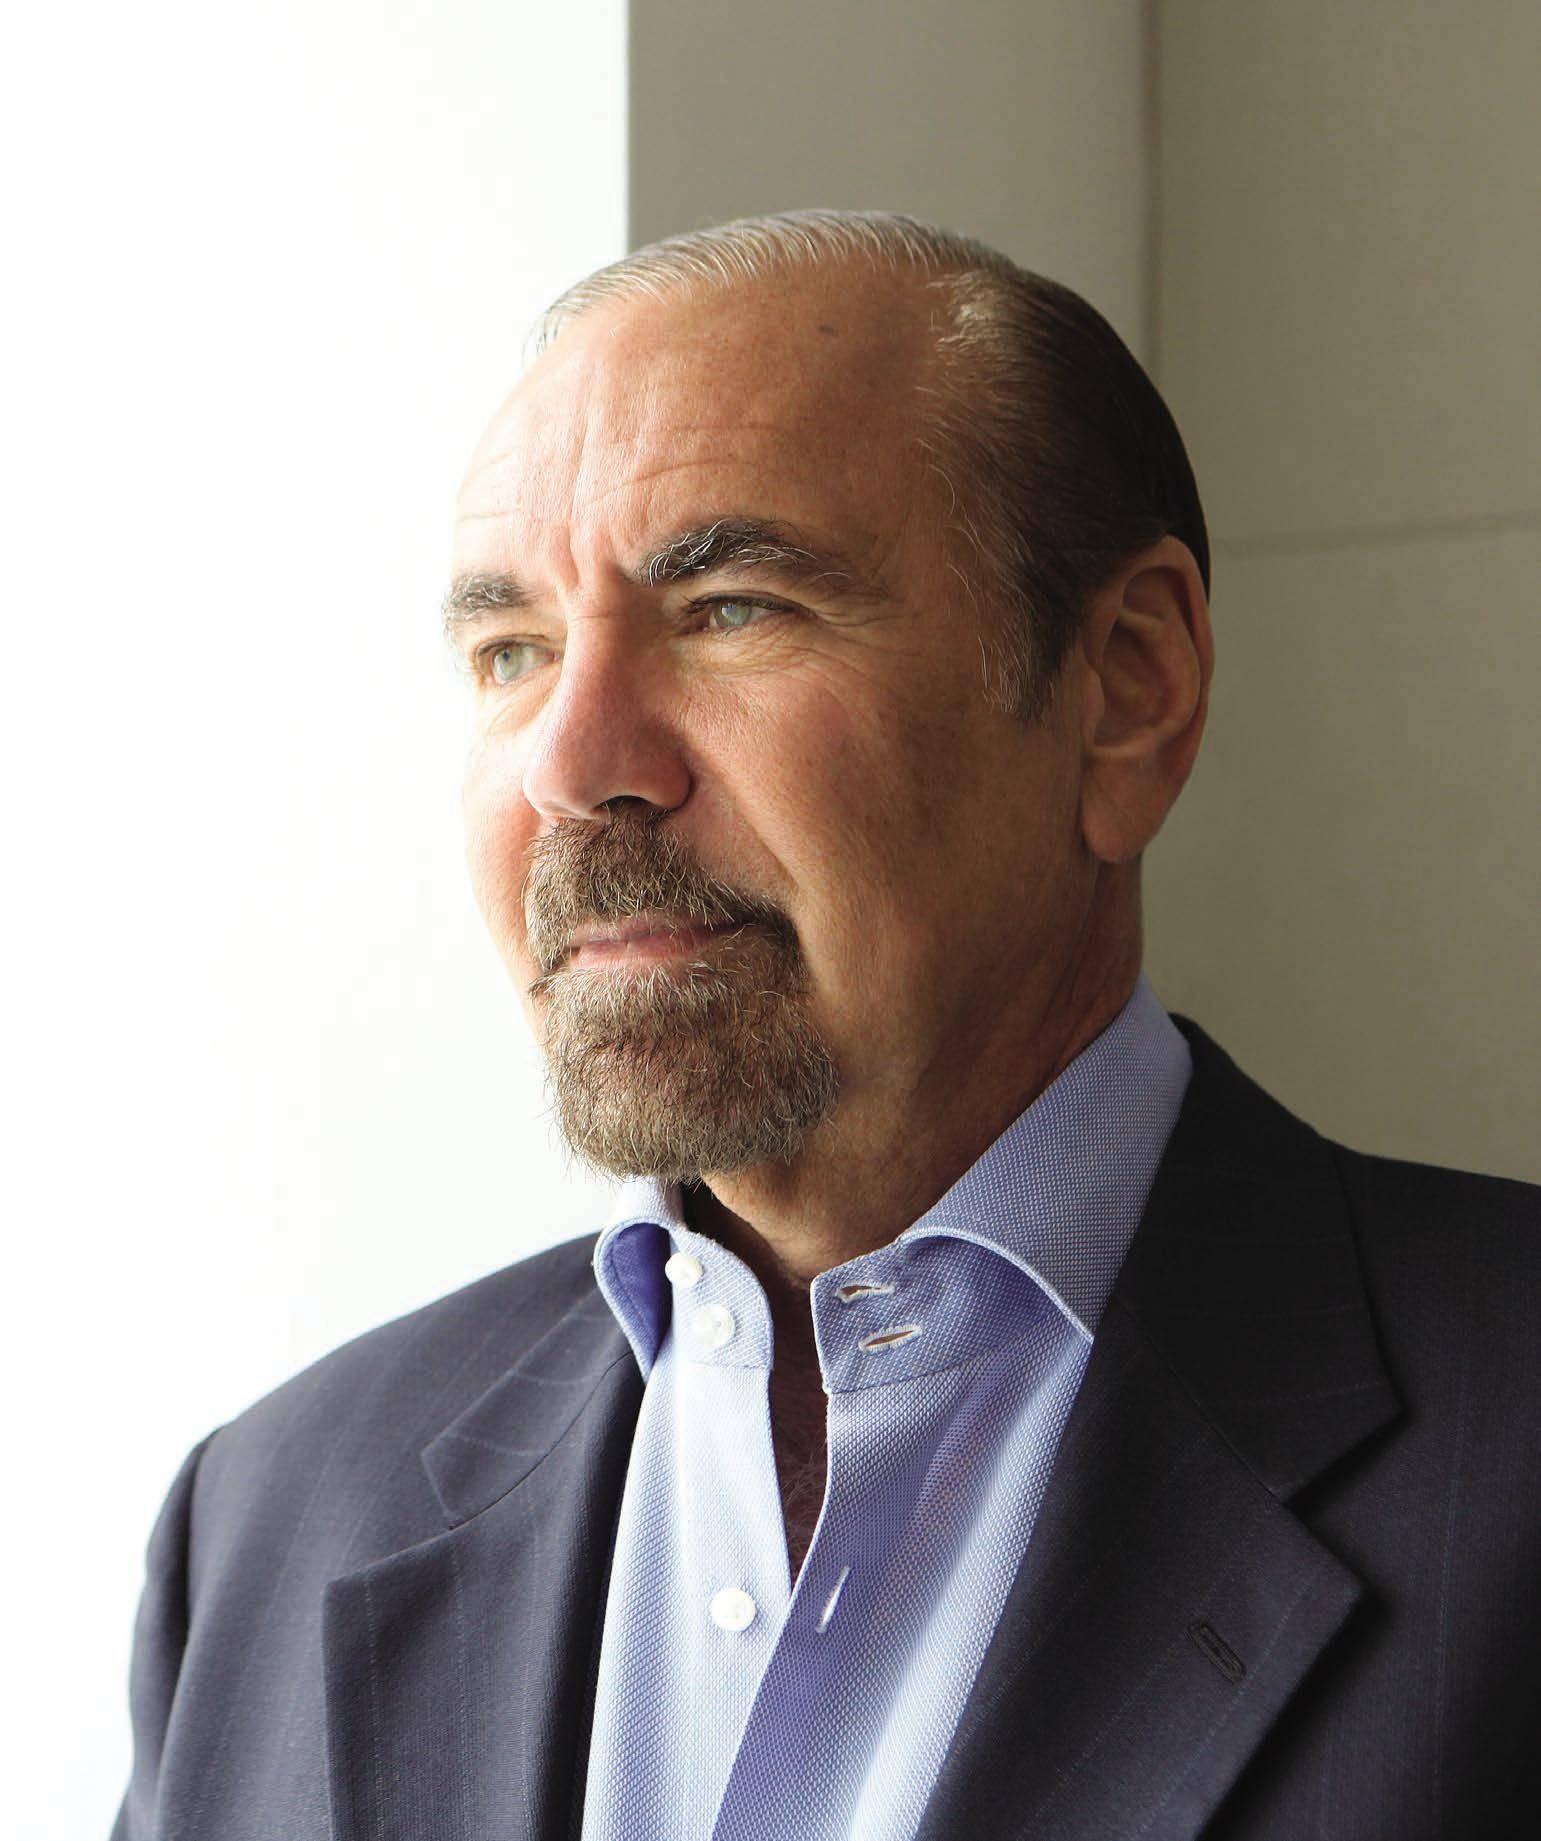 Jorge Pérez